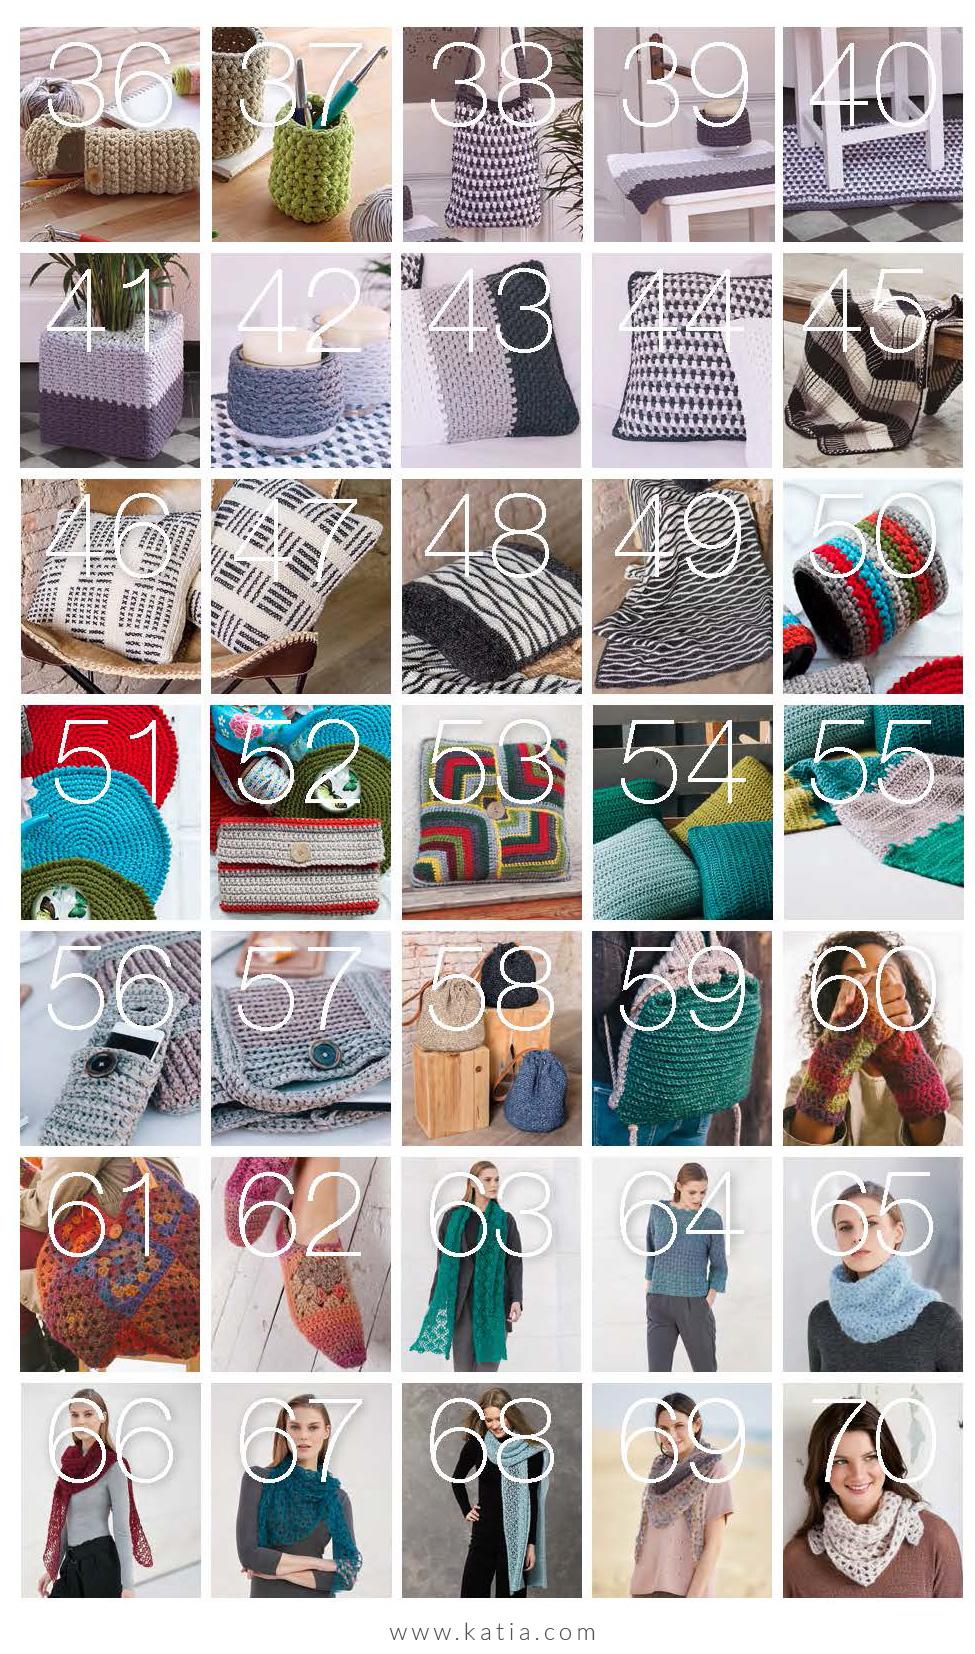 Katia Special crochet - 70 haakpatronen